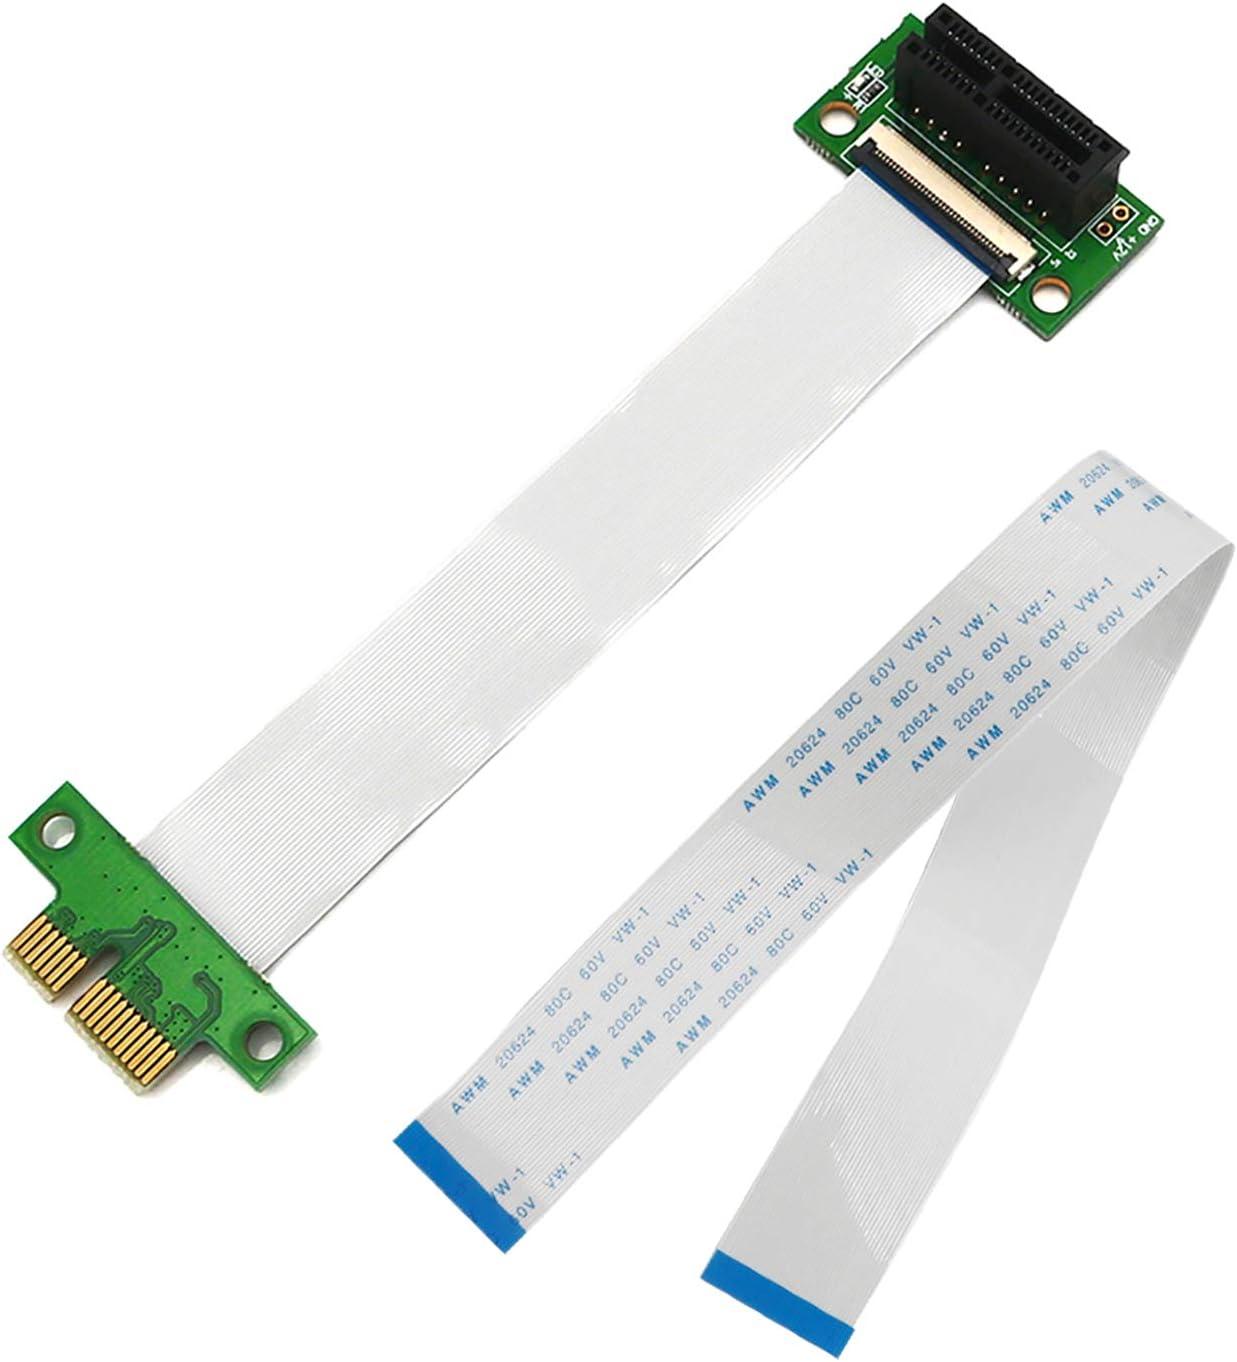 Cable alargador PCI-E 0,6 m para instalaci/ón en Espacios limitados UEX101 GLOTRENDS